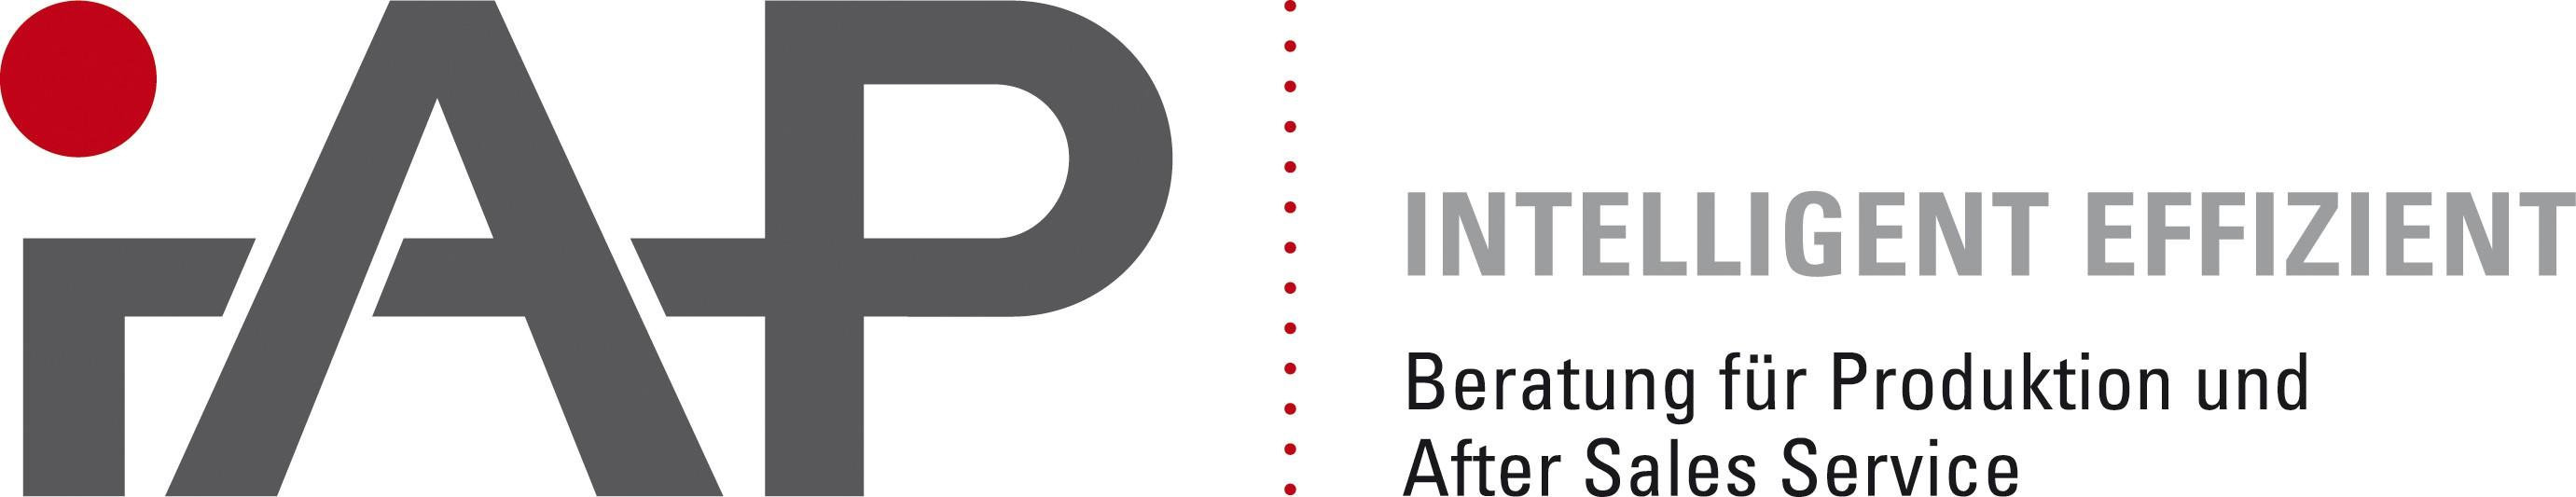 Karriere bei der iAP GmbH